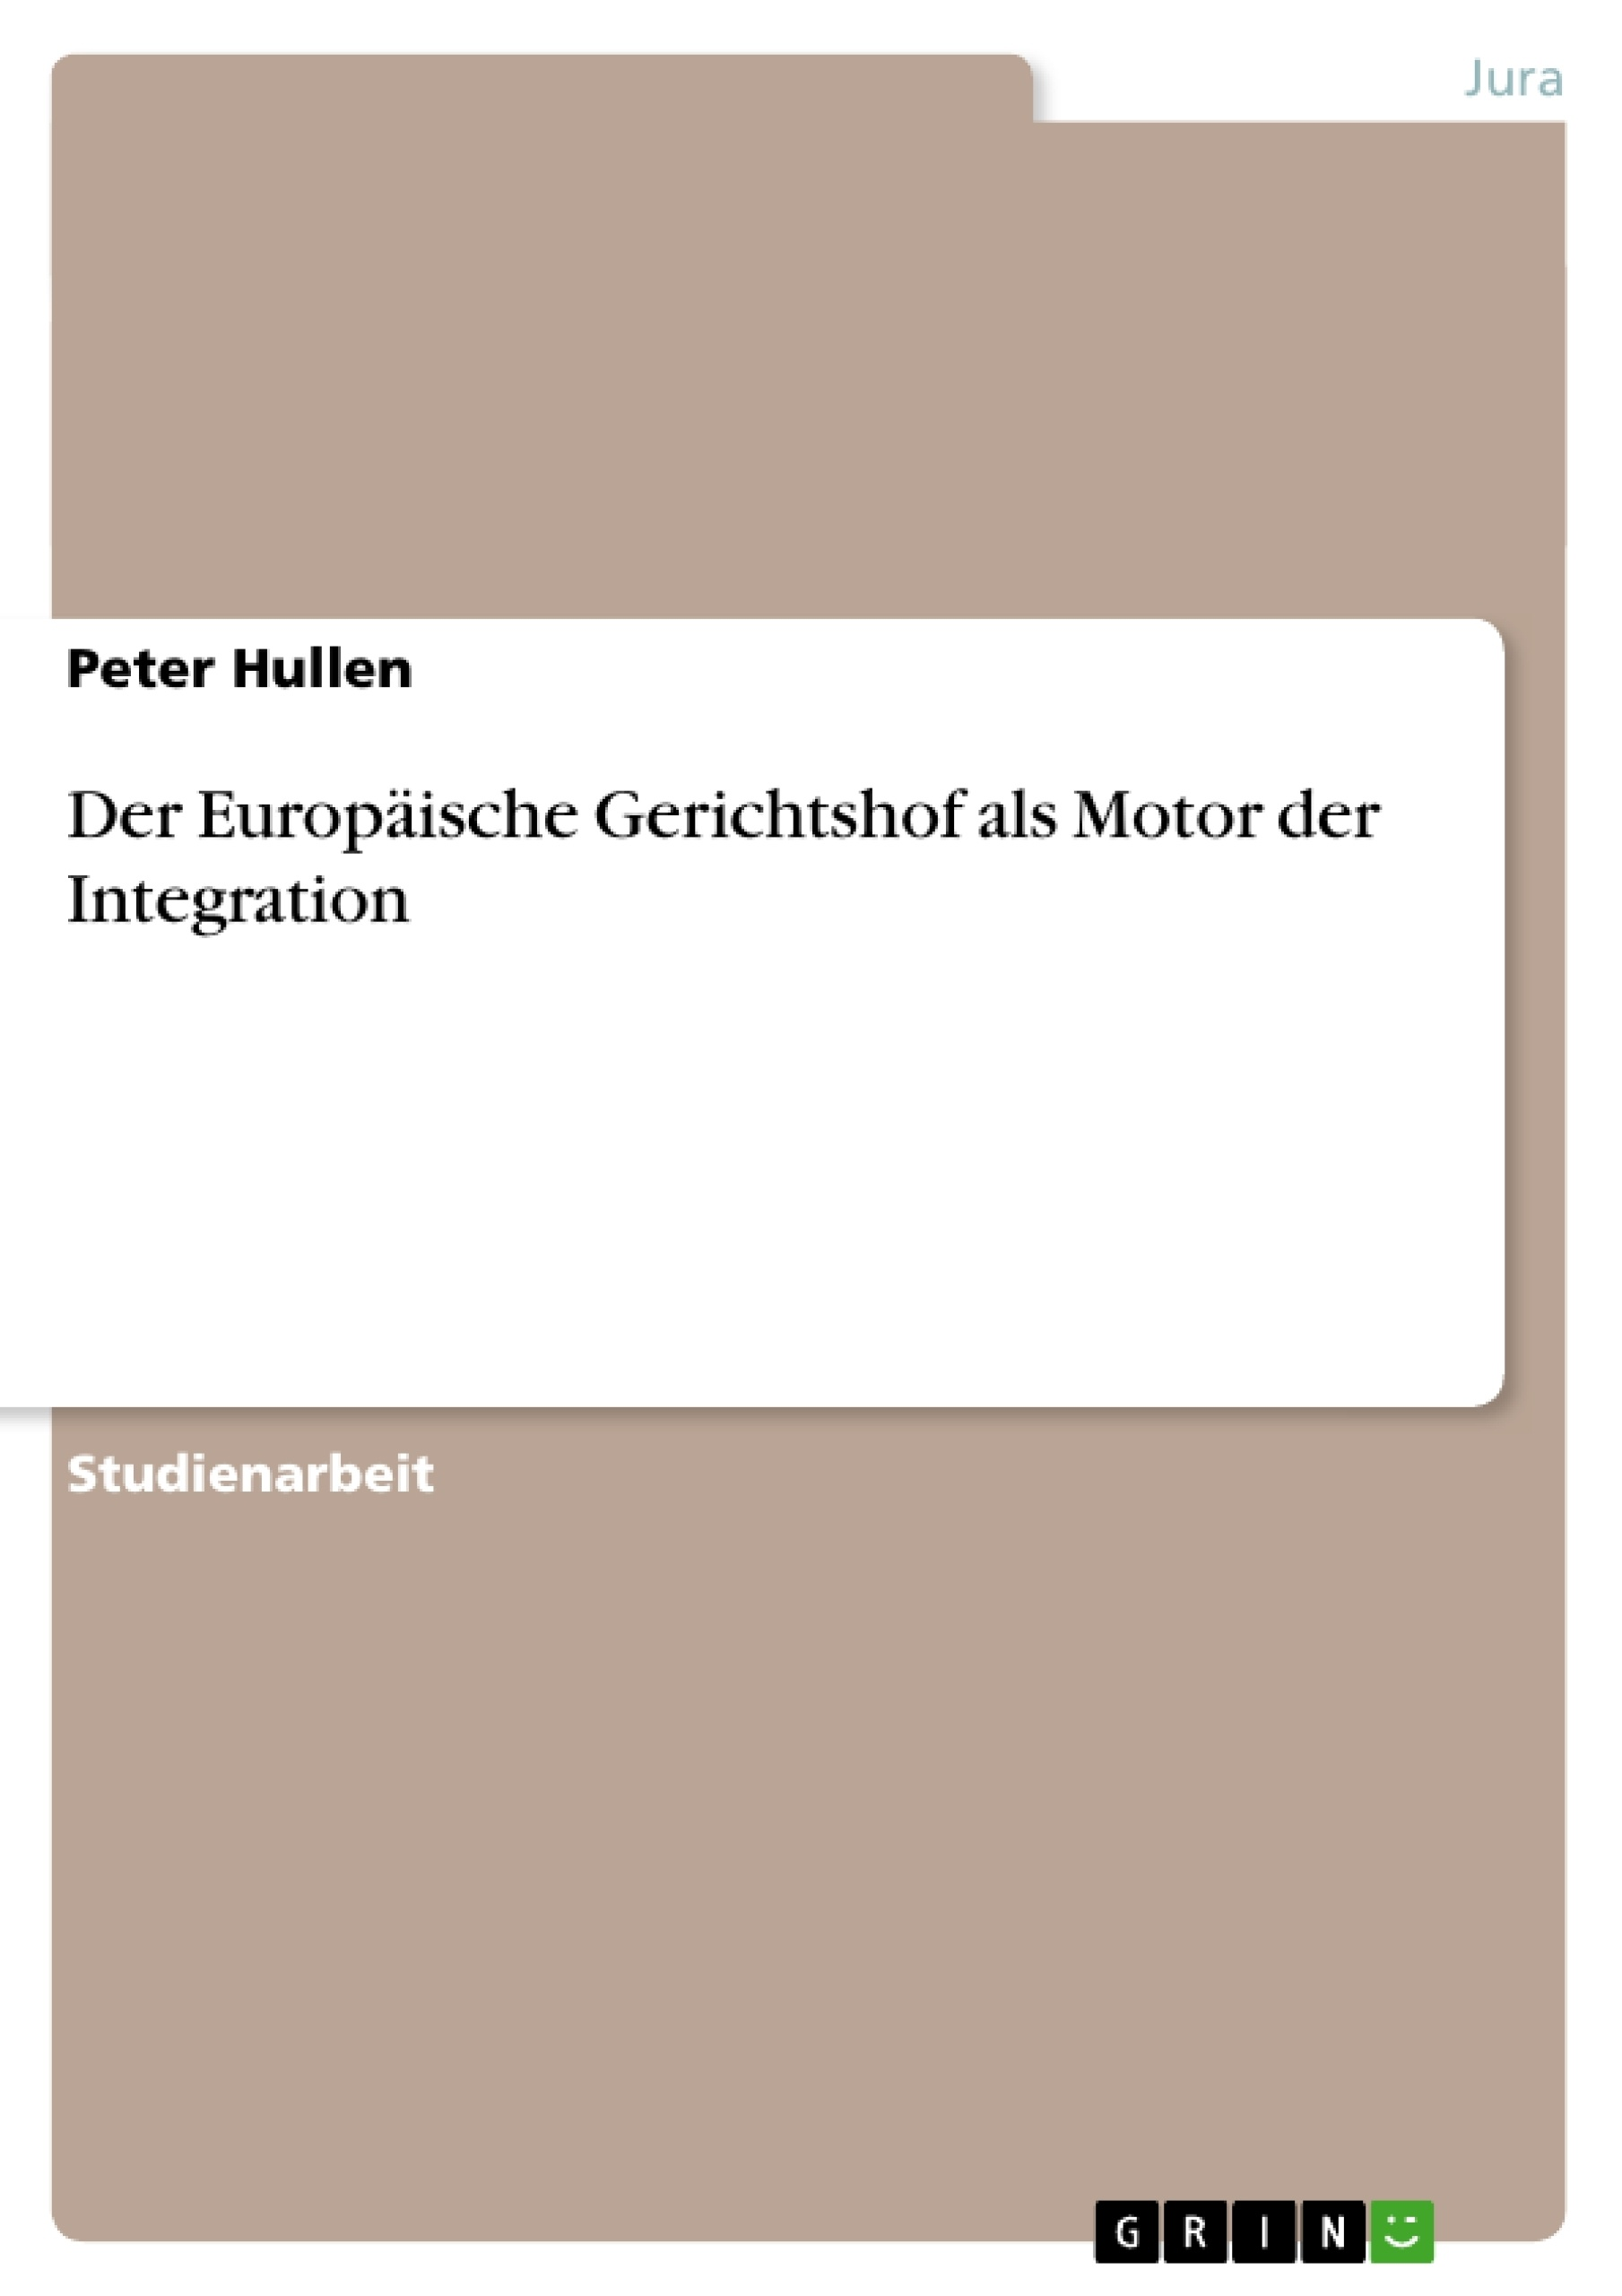 Titel: Der Europäische Gerichtshof als Motor der Integration